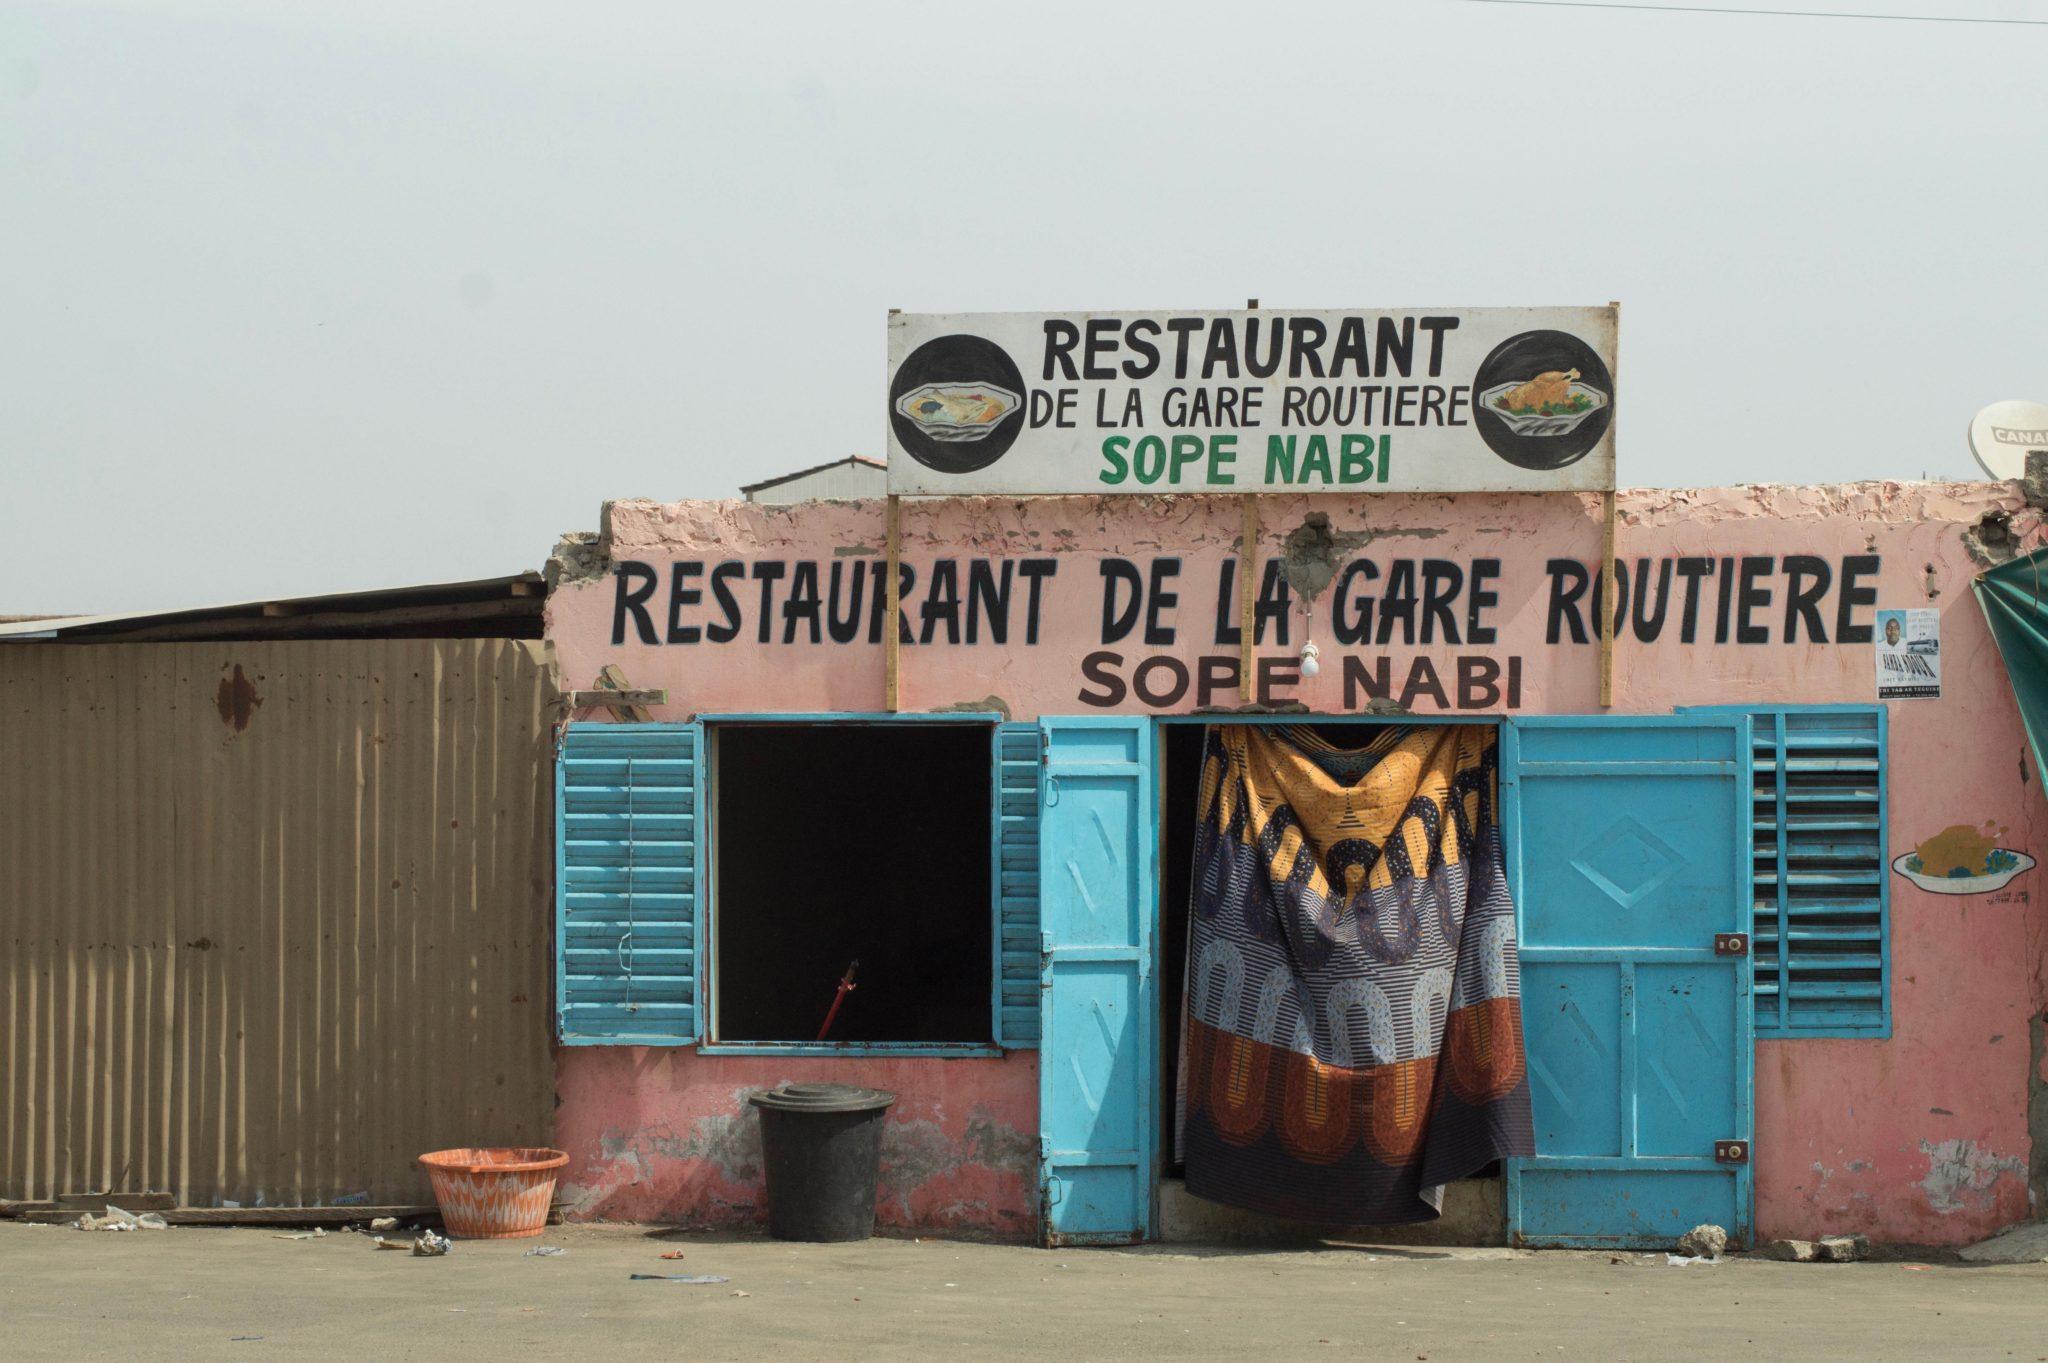 Restaurants gibt es meist in der Nähe vom Bahnhof